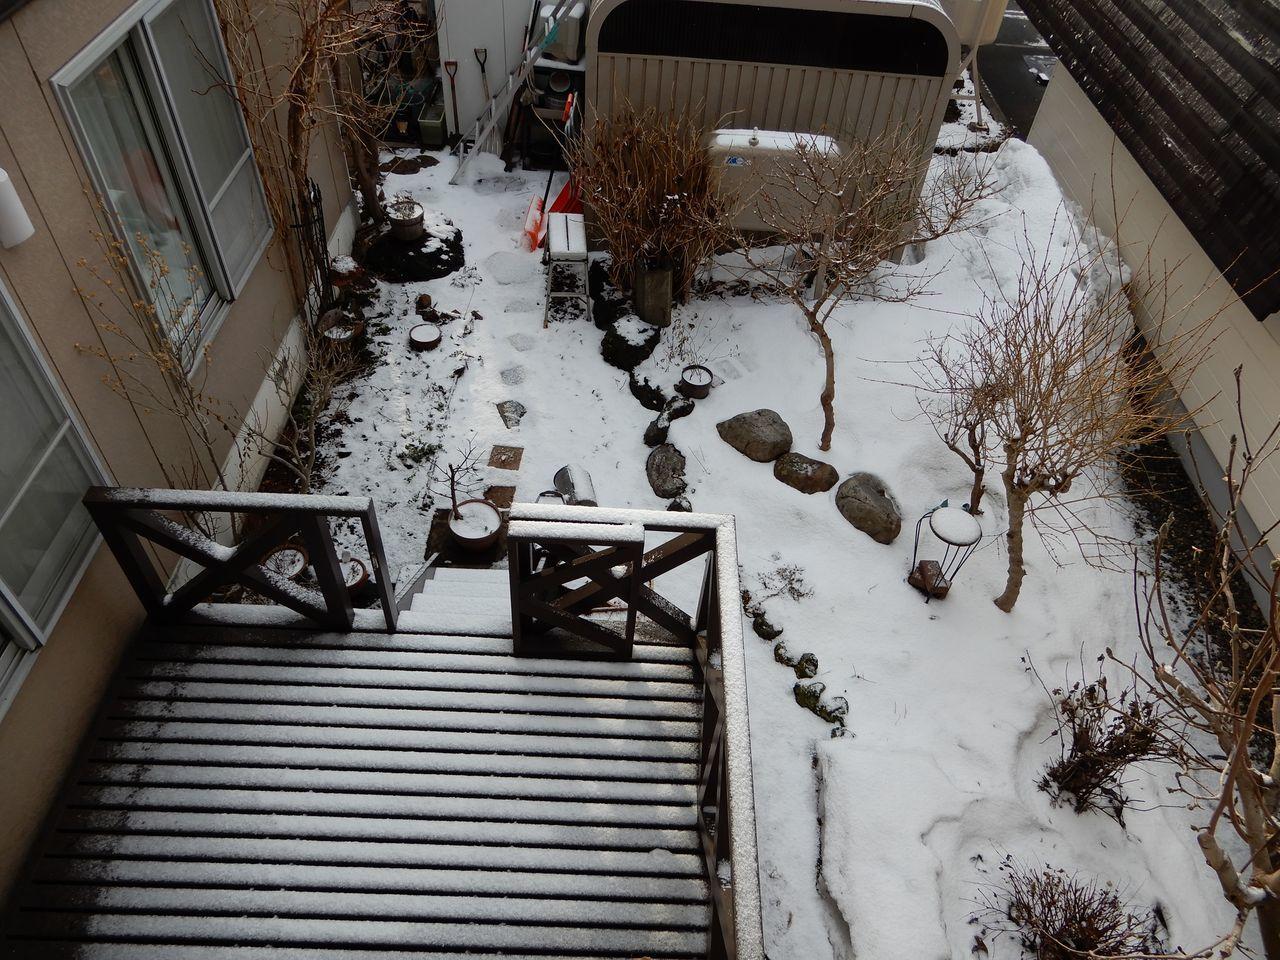 雪どけは足踏み、ヒヨドリも動きが鈍い_c0025115_23484778.jpg